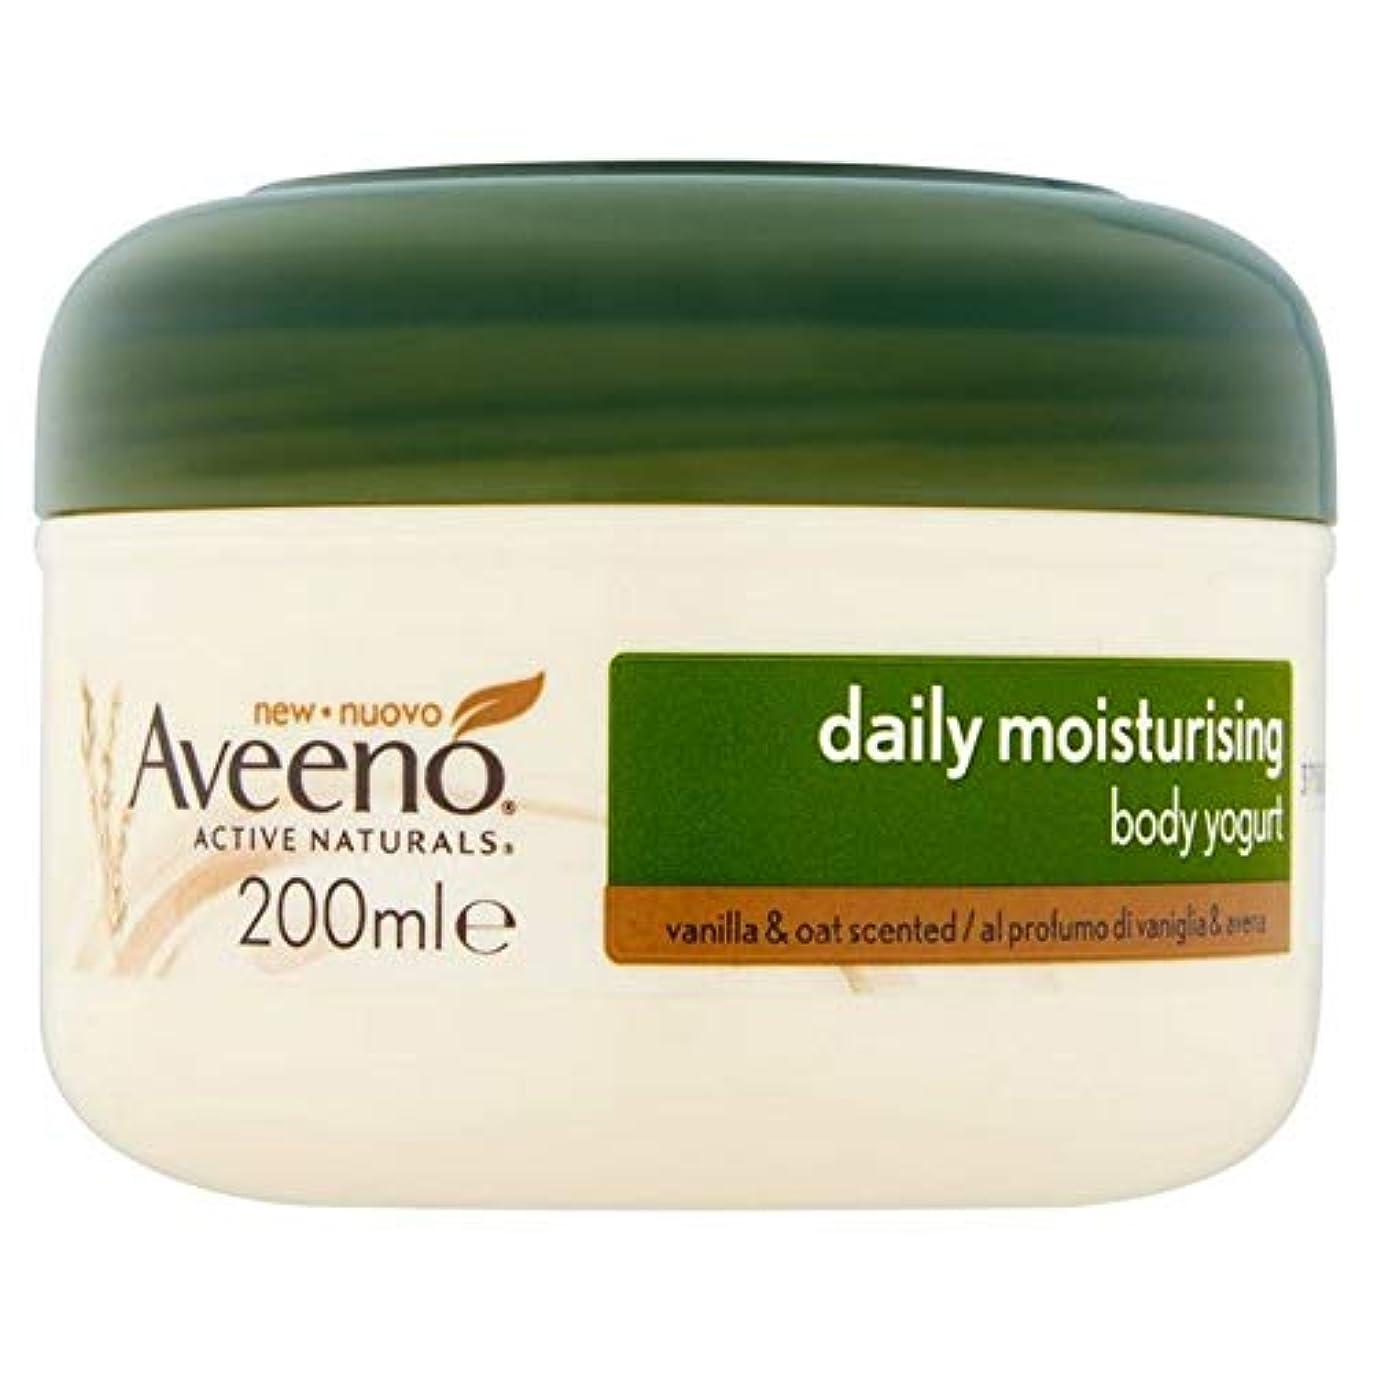 トムオードリース包帯除去[Aveeno] Aveeno毎日保湿ボディヨーグルトバニラ&オーツの200ミリリットル - Aveeno Daily Moisturising Body Yogurts Vanilla & Oats 200ml [並行輸入品]